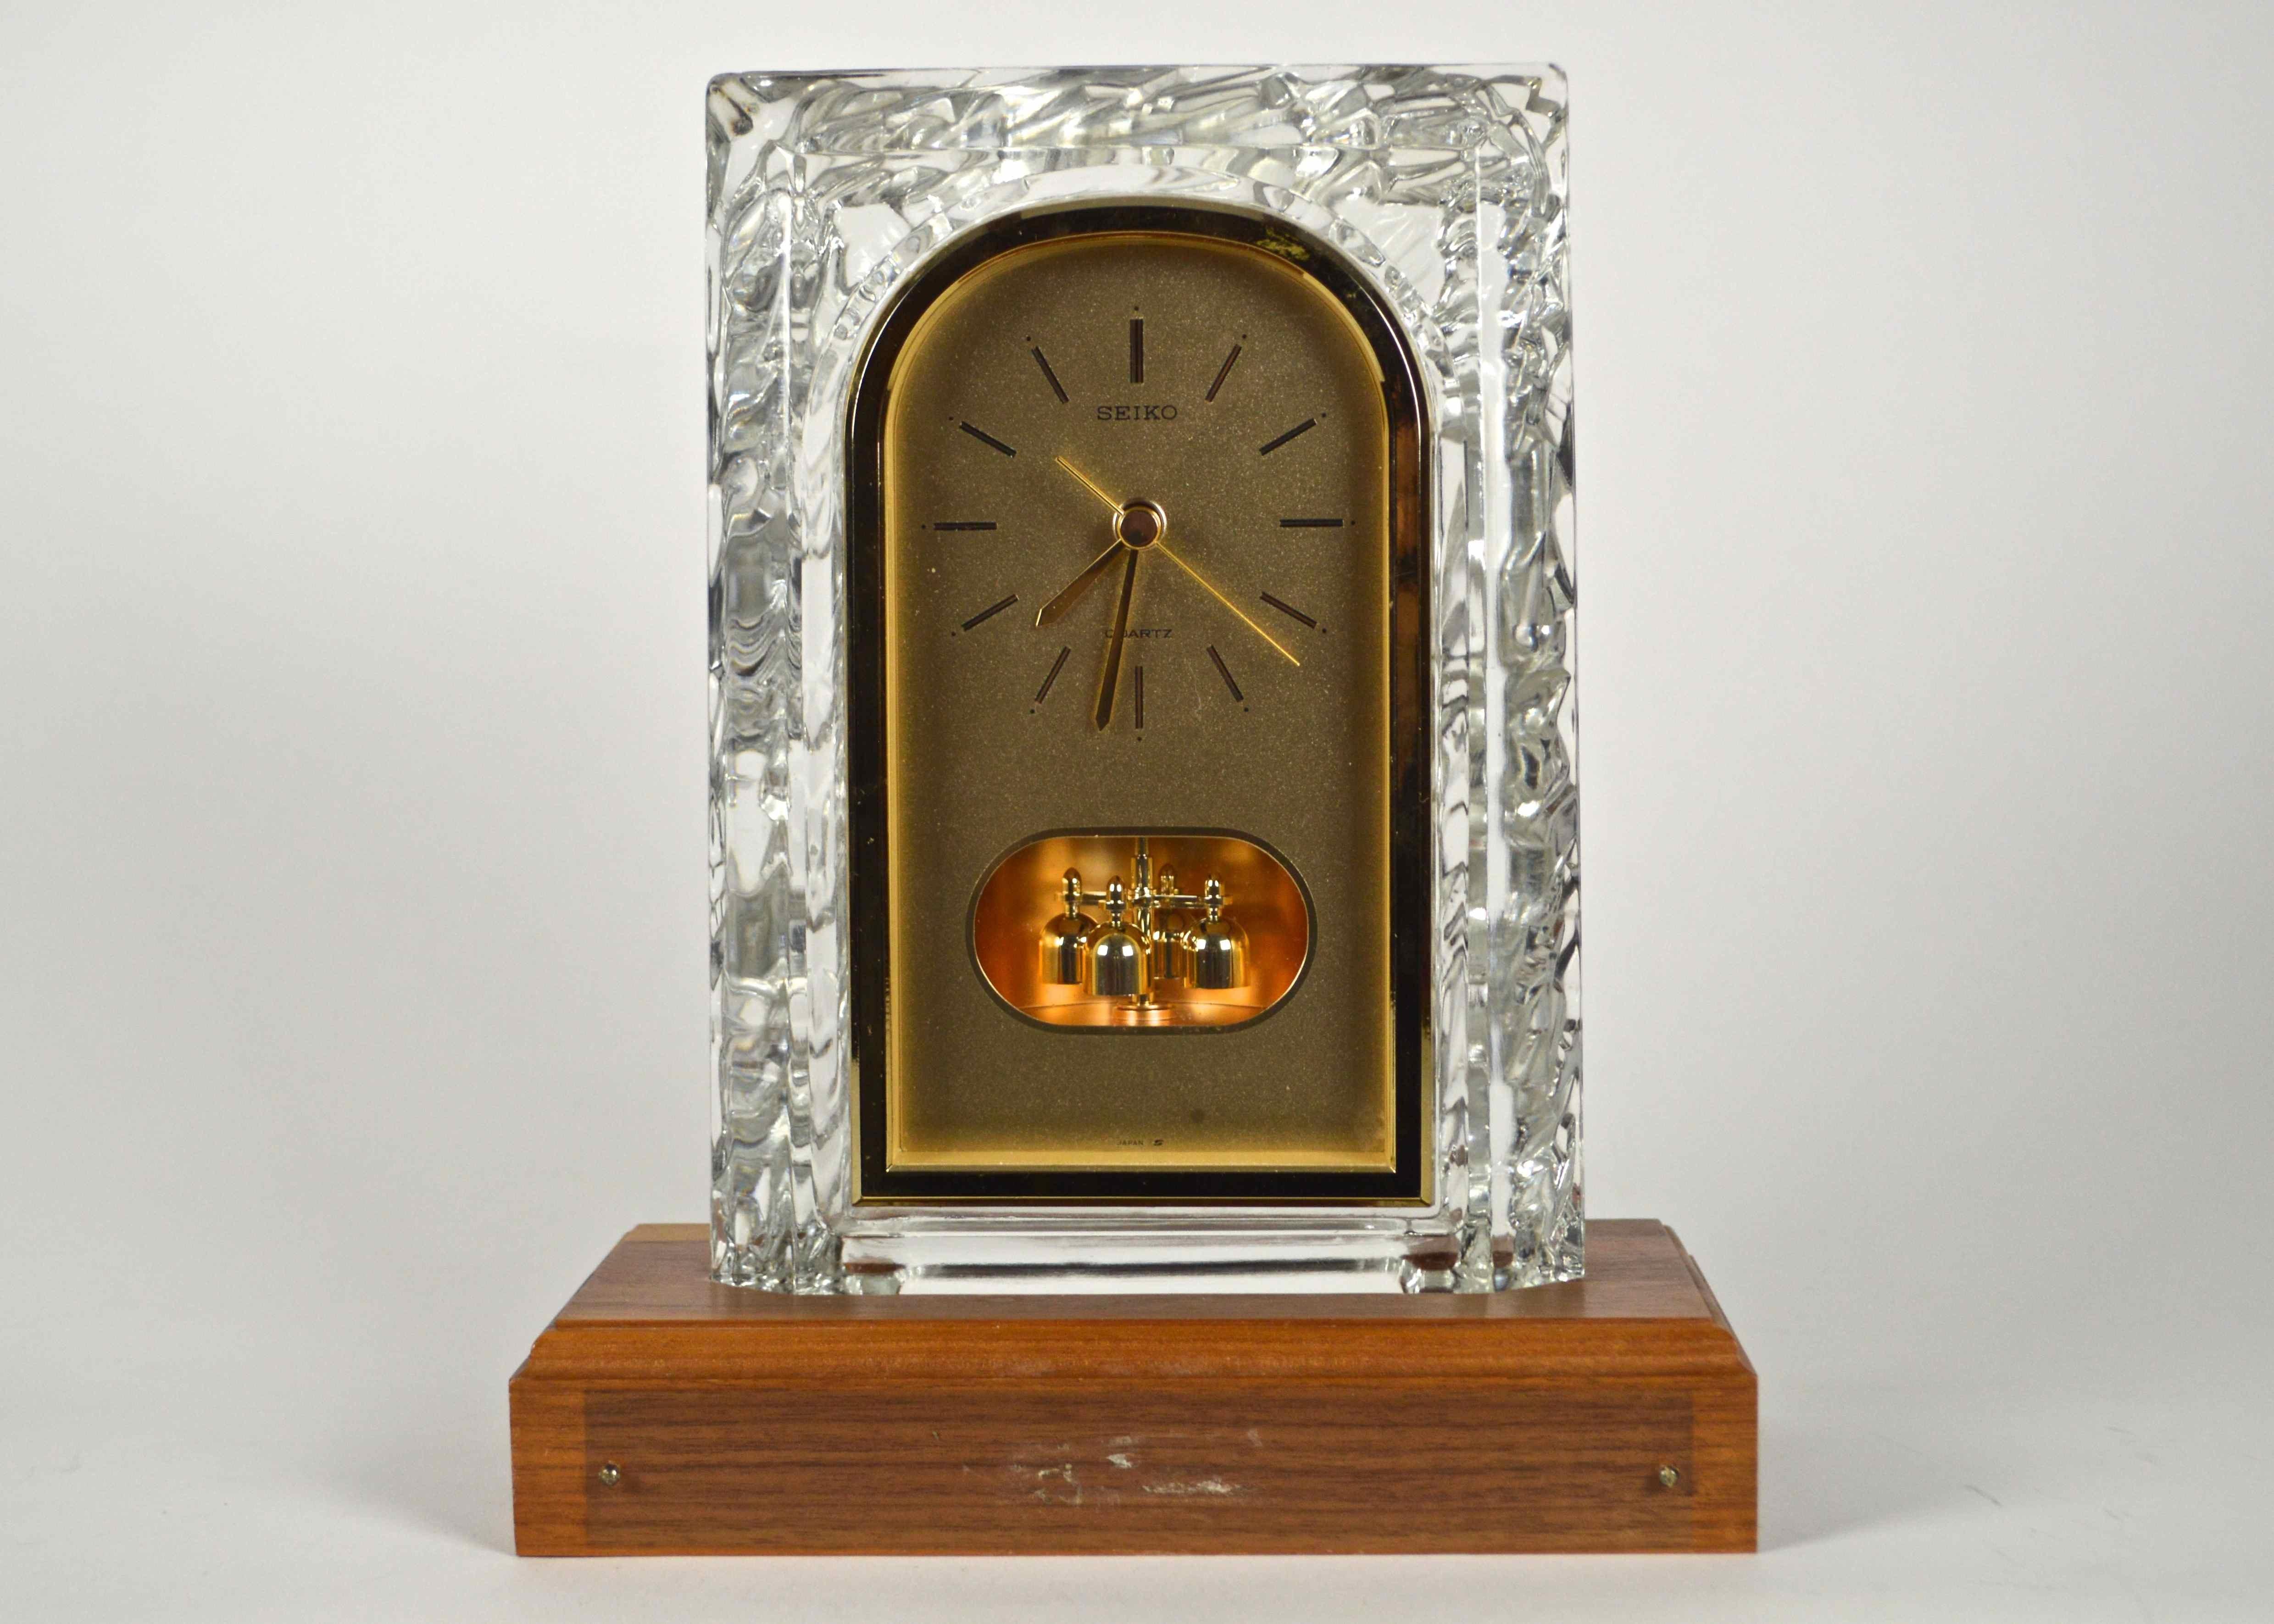 Seiko glass mantel clock